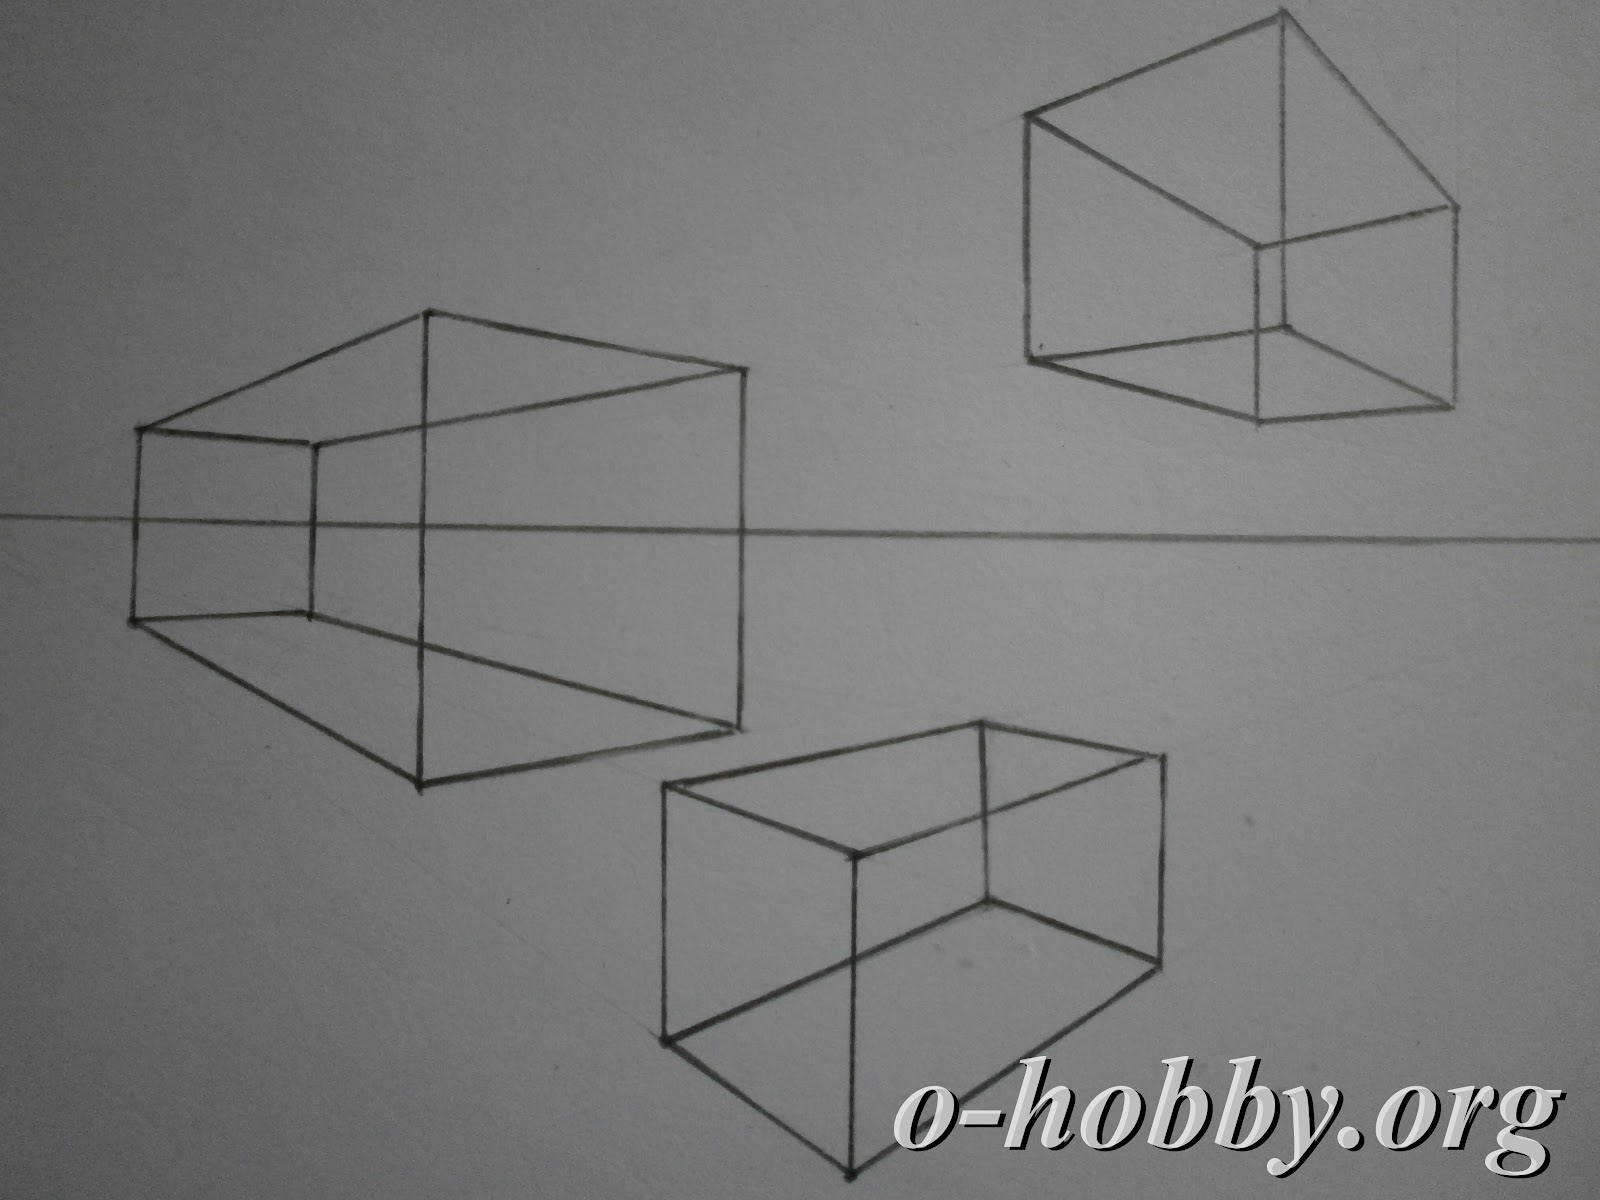 геометрических фигур, как